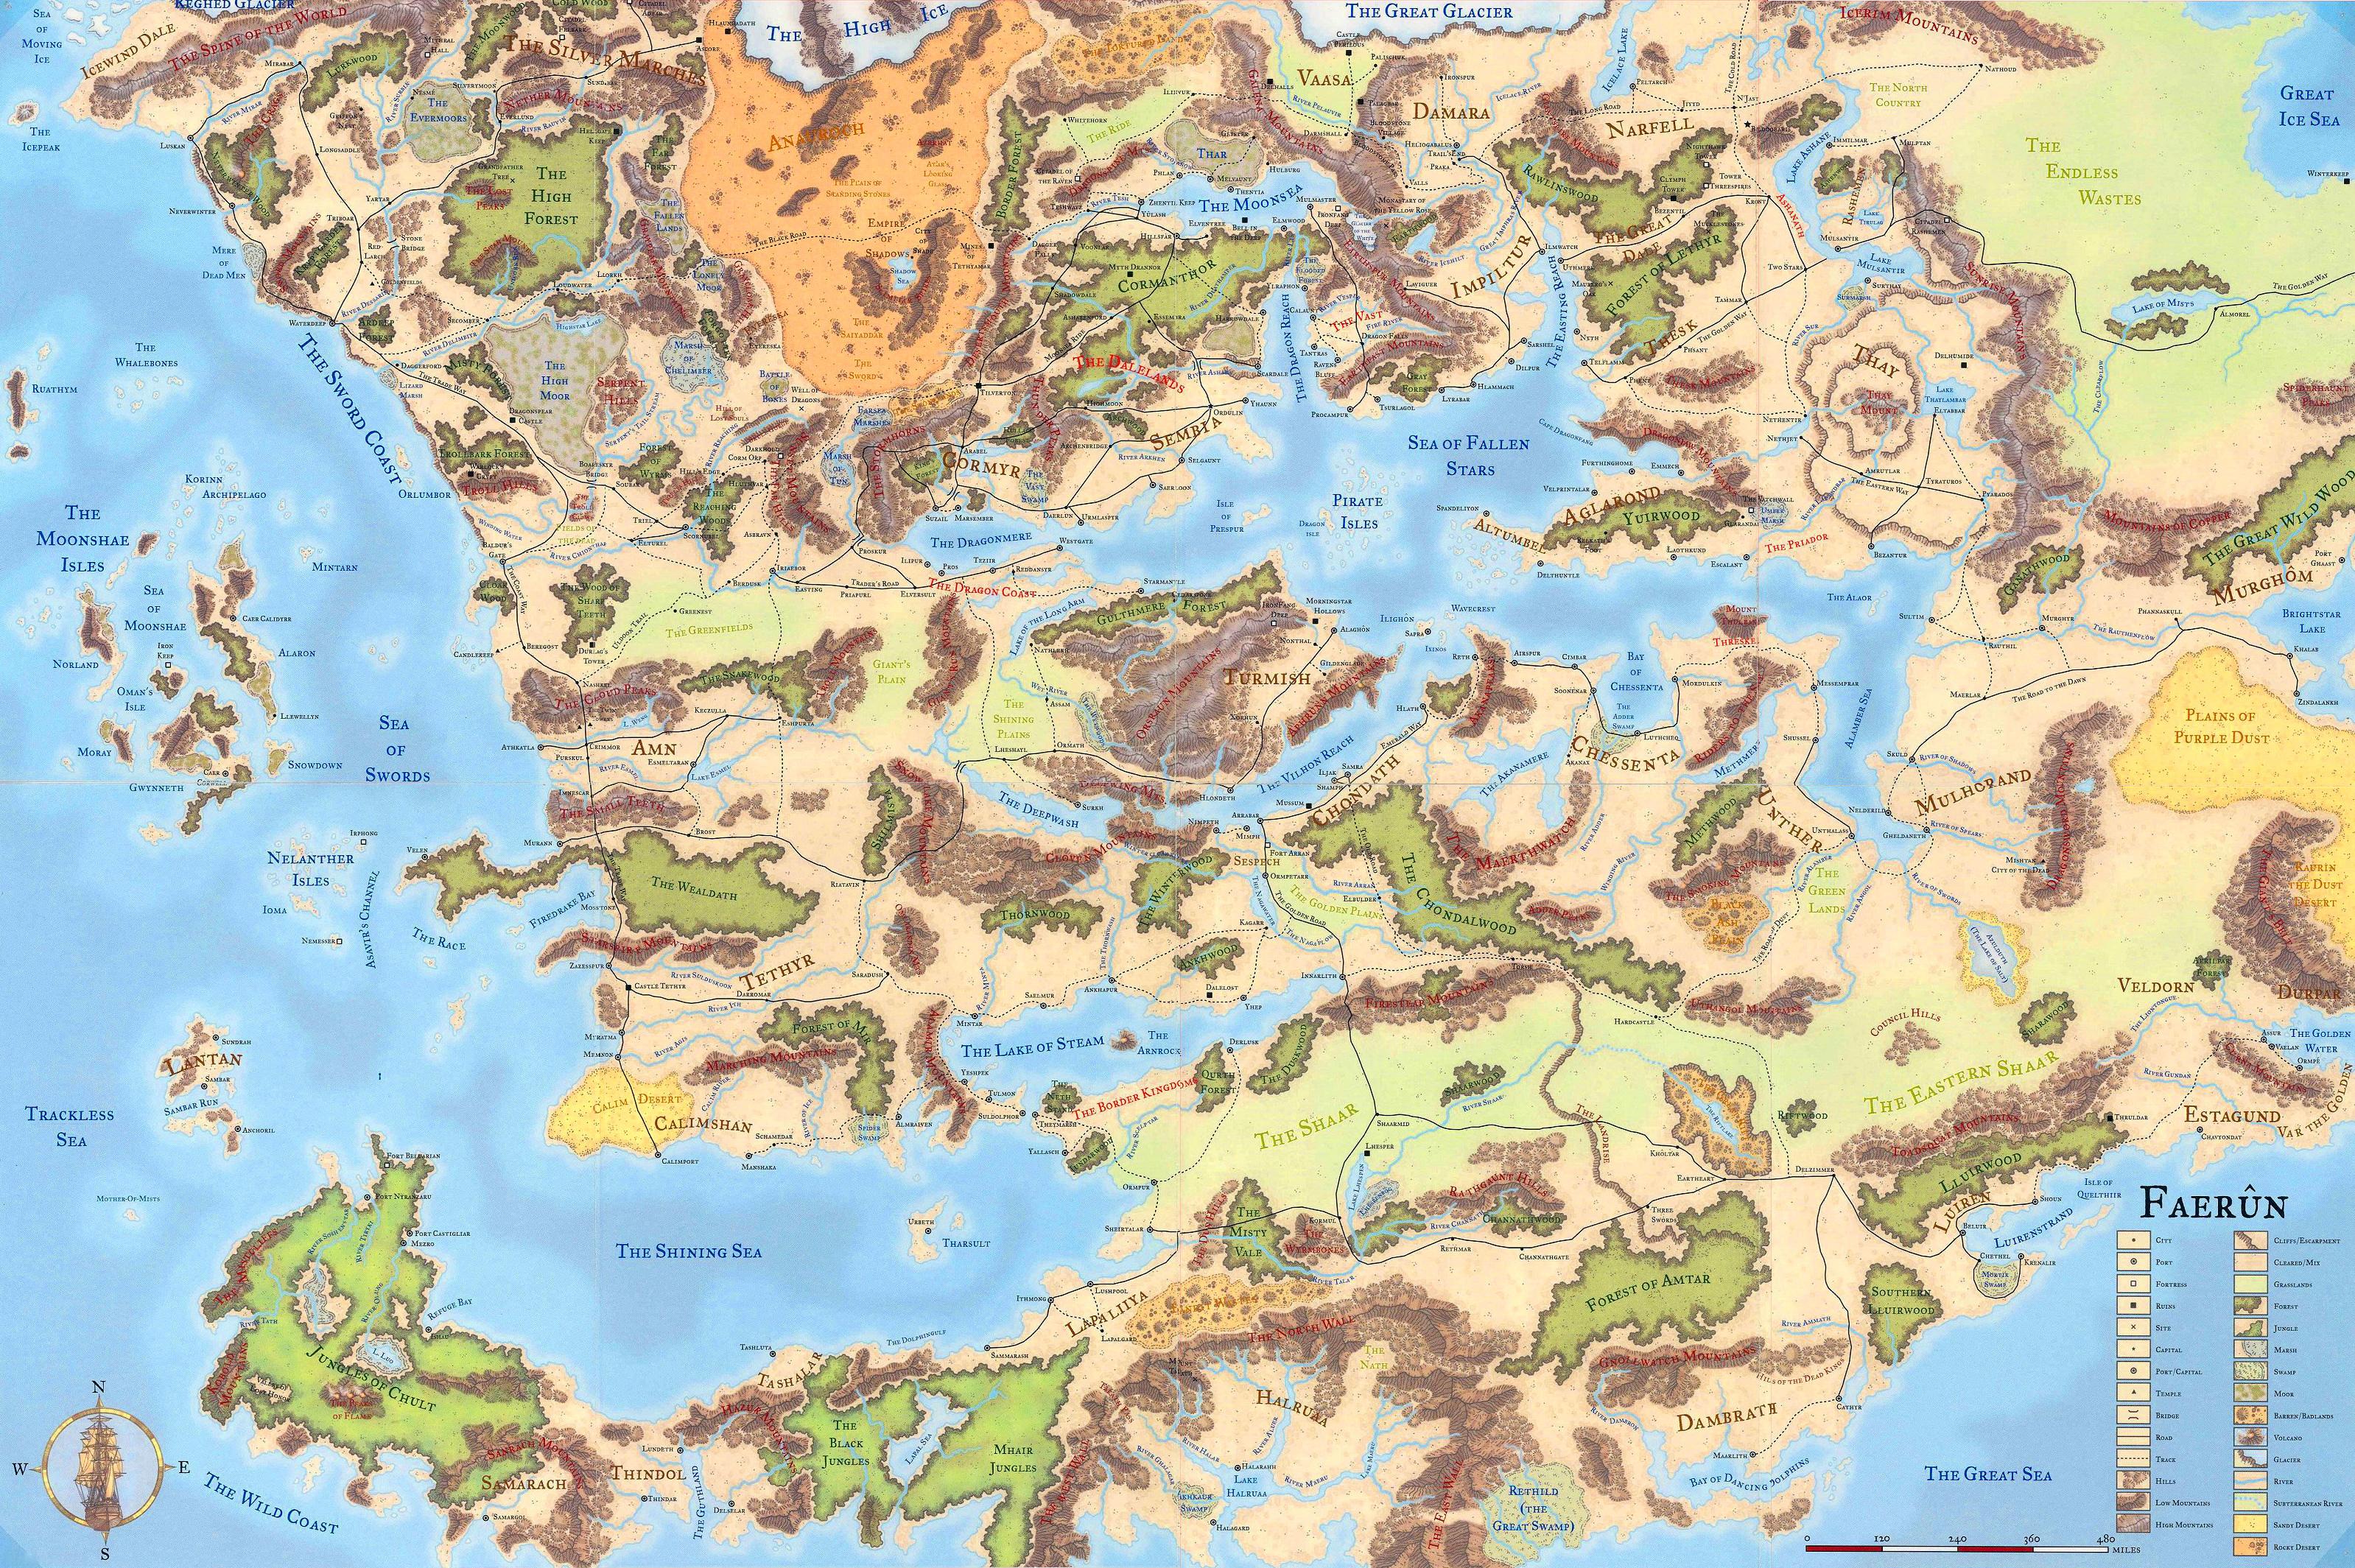 Faerun Map Dnd 5e Obsidian Portal